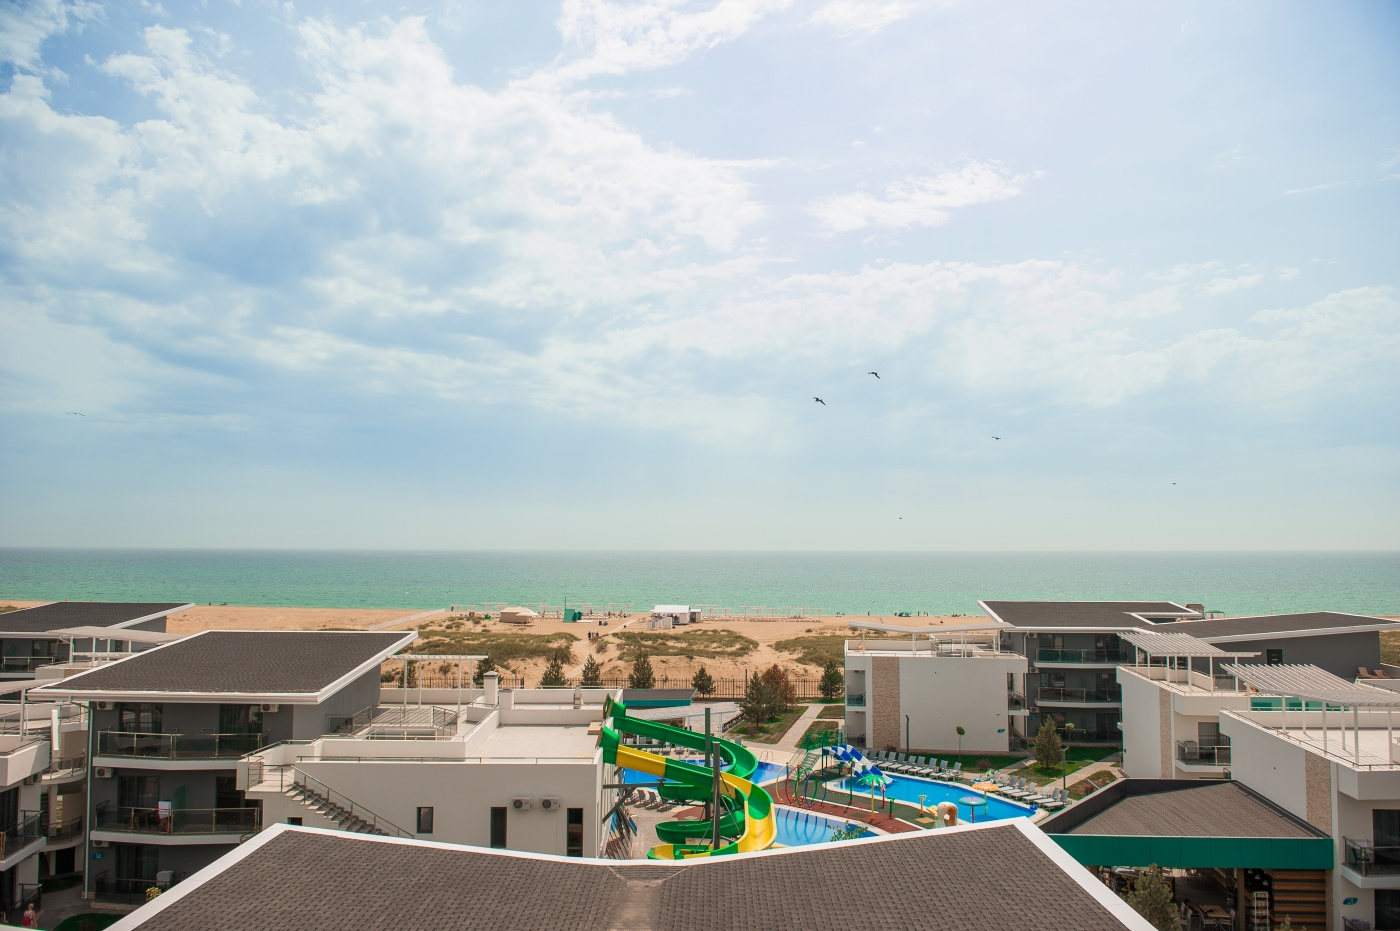 Отель «Aurum Family Resort & Spa» Краснодарский край Standard SV 2-местный (в корпусе), фото 9